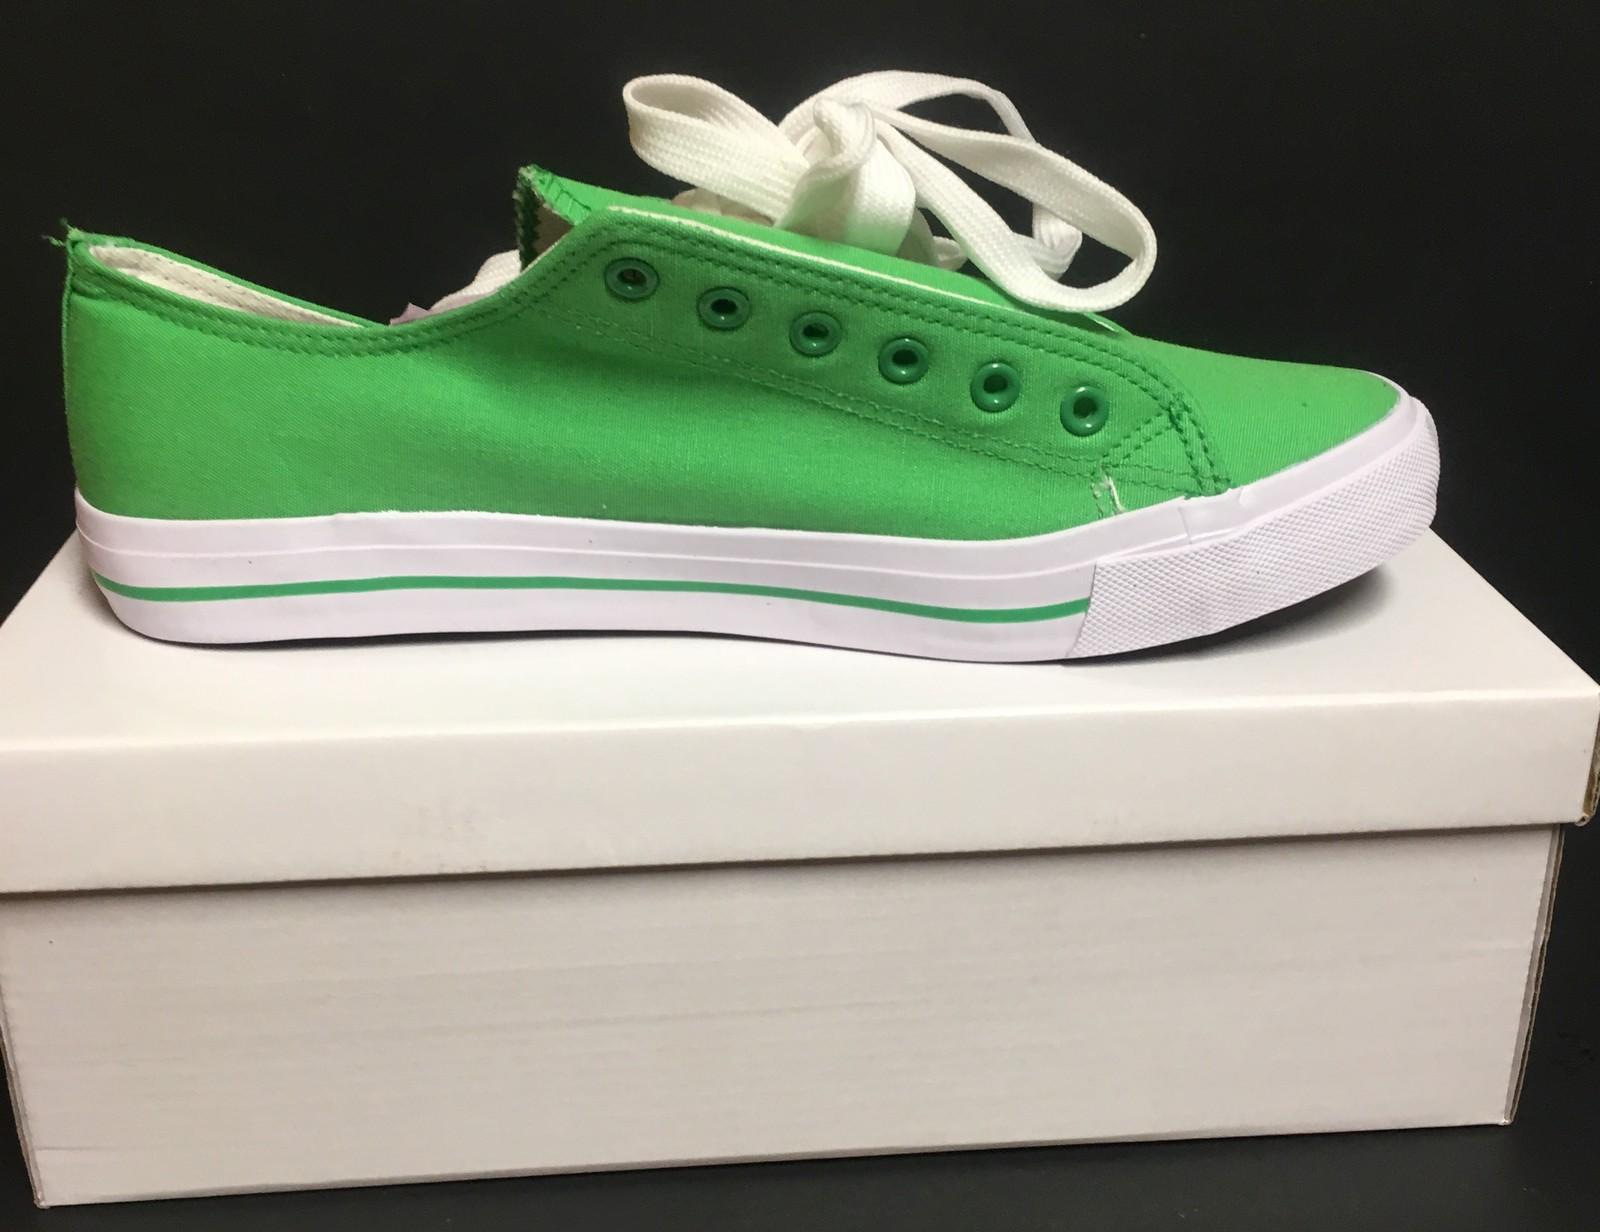 Custom School Kicks Canvas Tennis Shoes Unisex 10/11.5 Lime Green NIB image 2